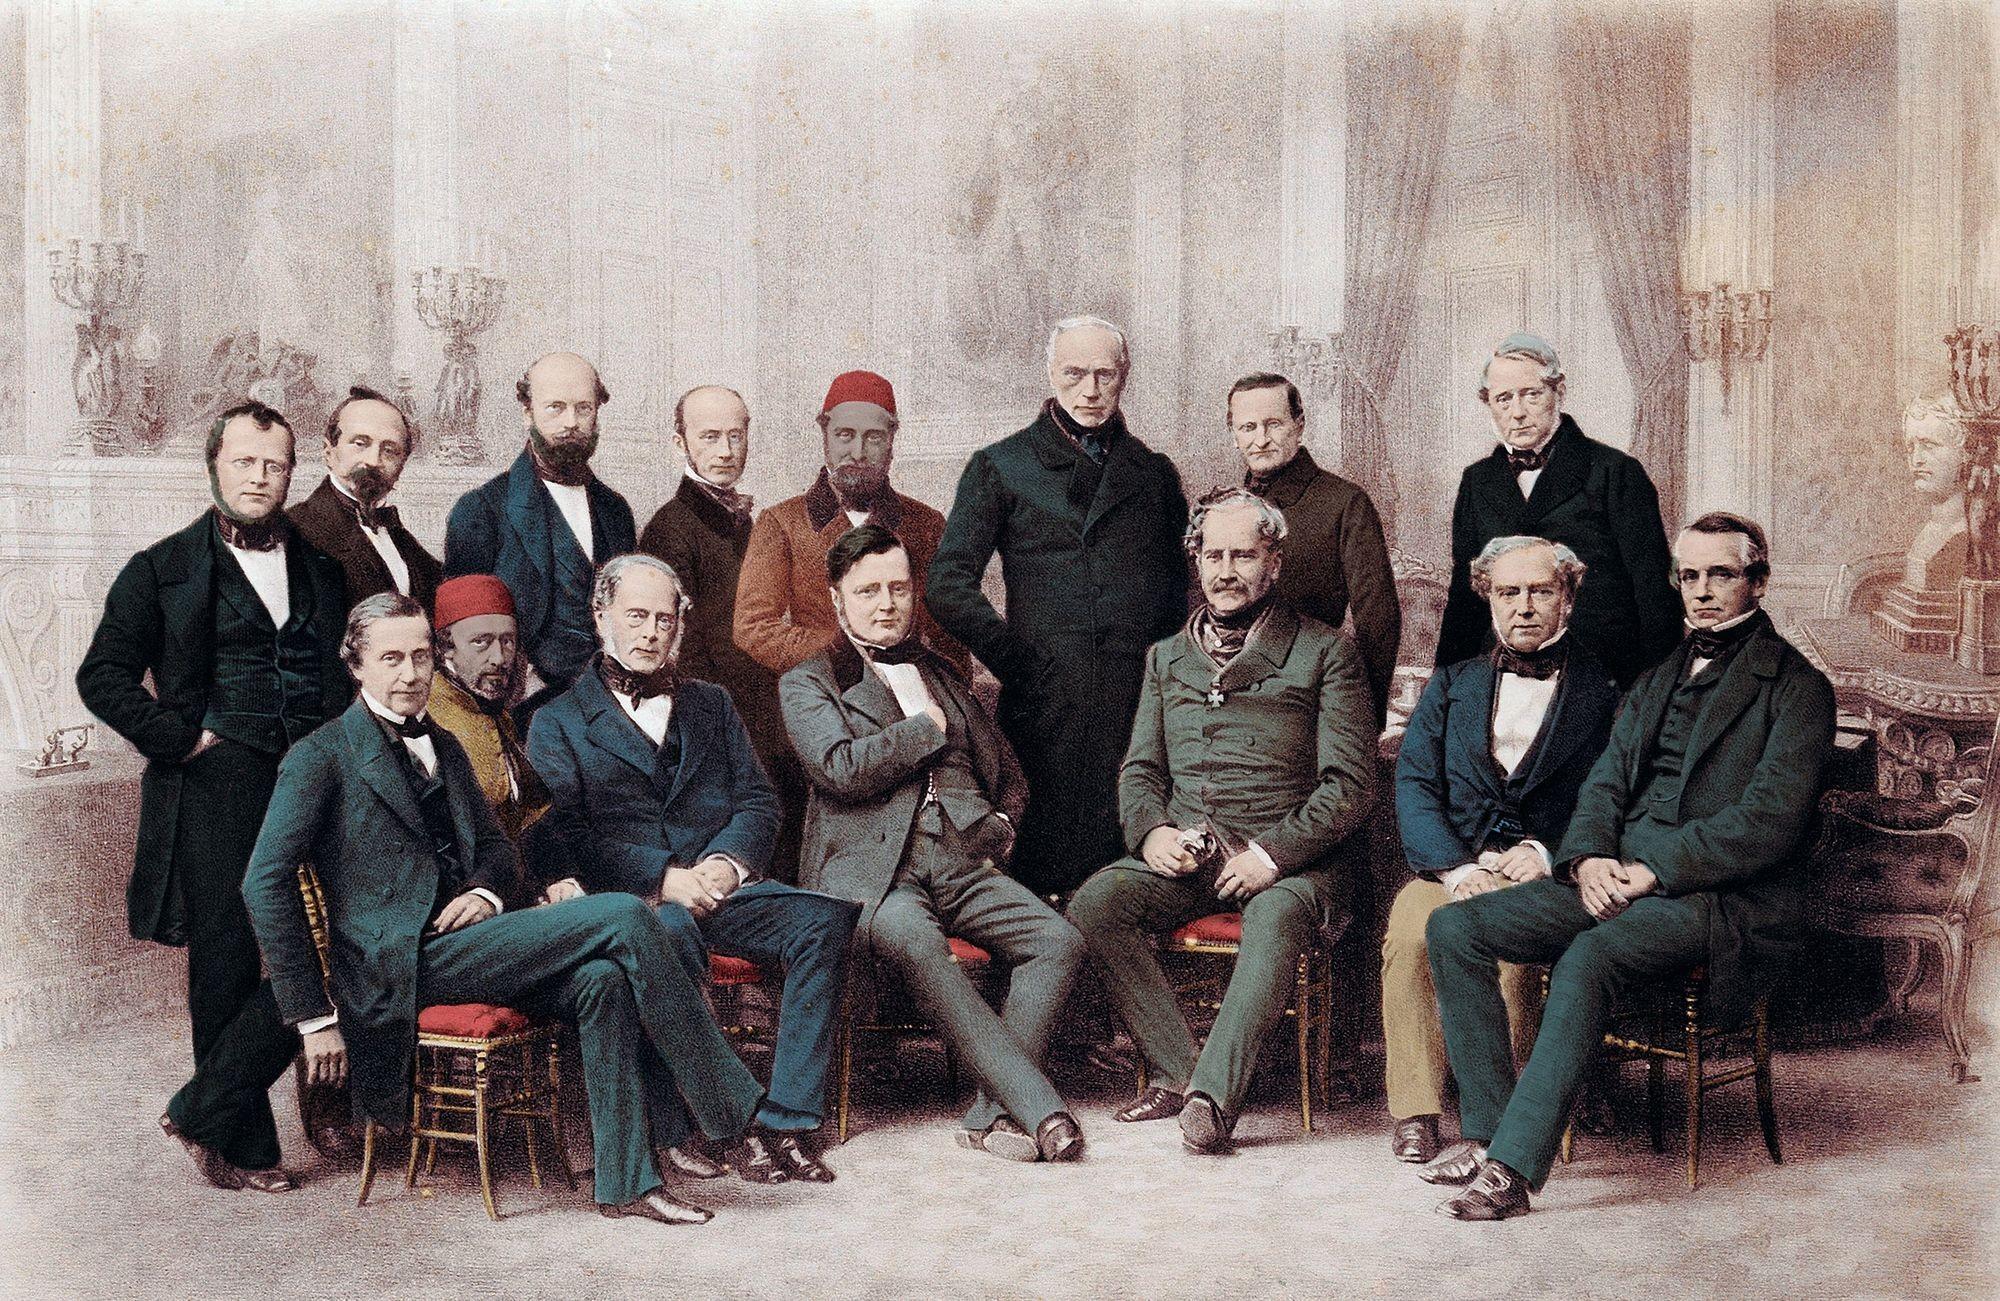 Anonyme, Représentants au congrès de Paris, 1856, gravure (coloriée plus tard), 33 x 17 cm, collection milanaise privée.